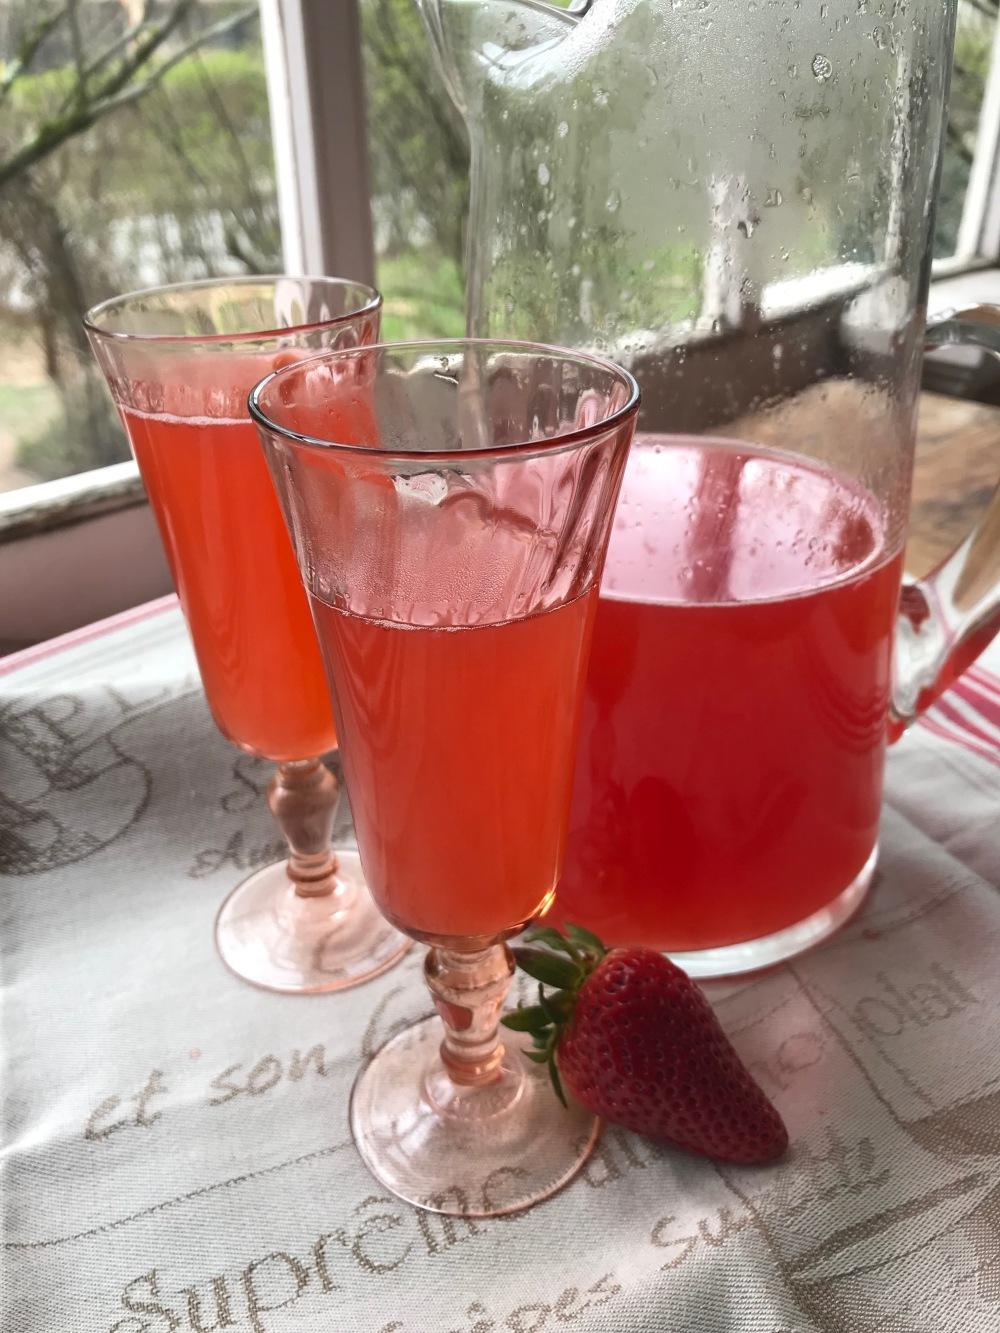 Rhubarb Strawberry Punch